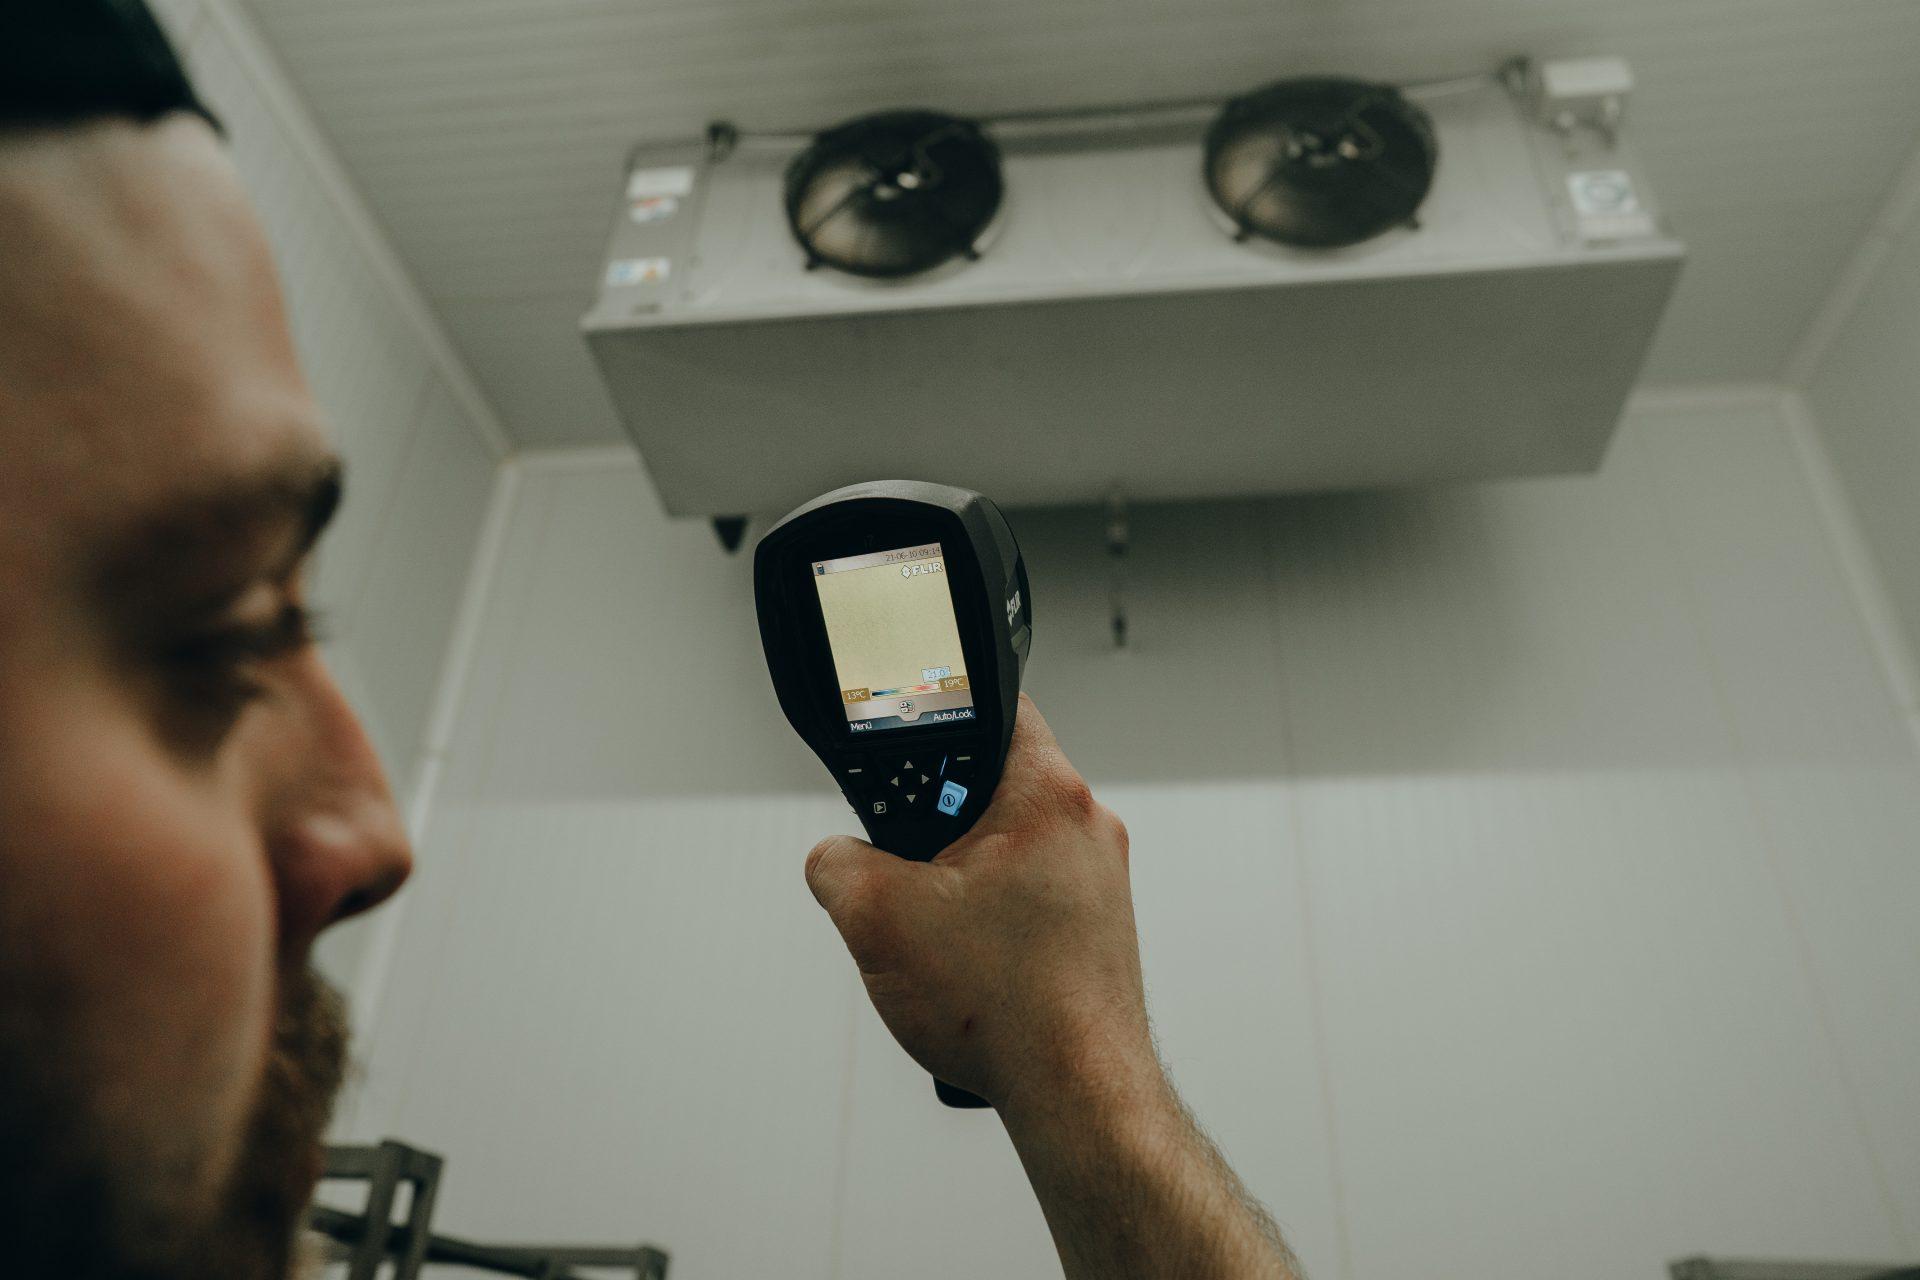 G-KKT Klimatechniker prüft Industriekühlung beim Kunden in Köln